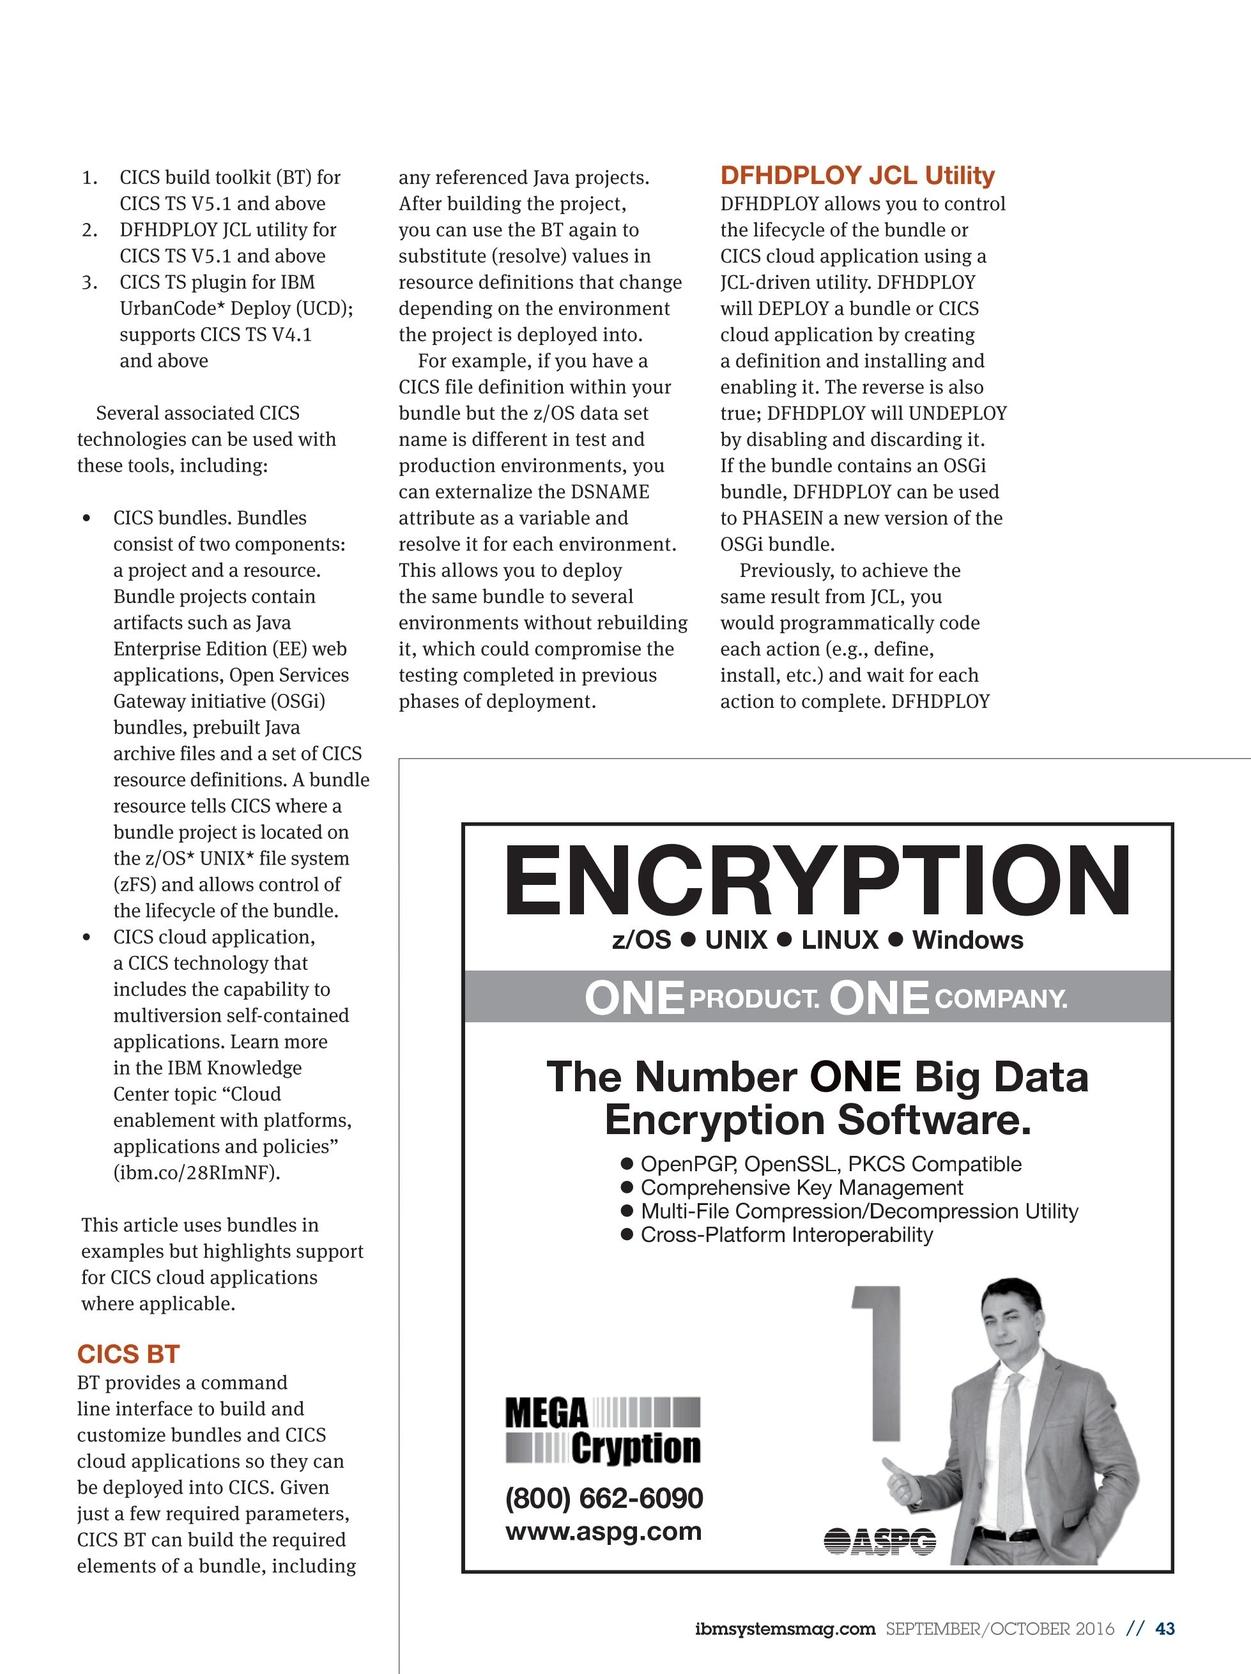 IBM Systems Magazine, Mainframe - September/October 2016